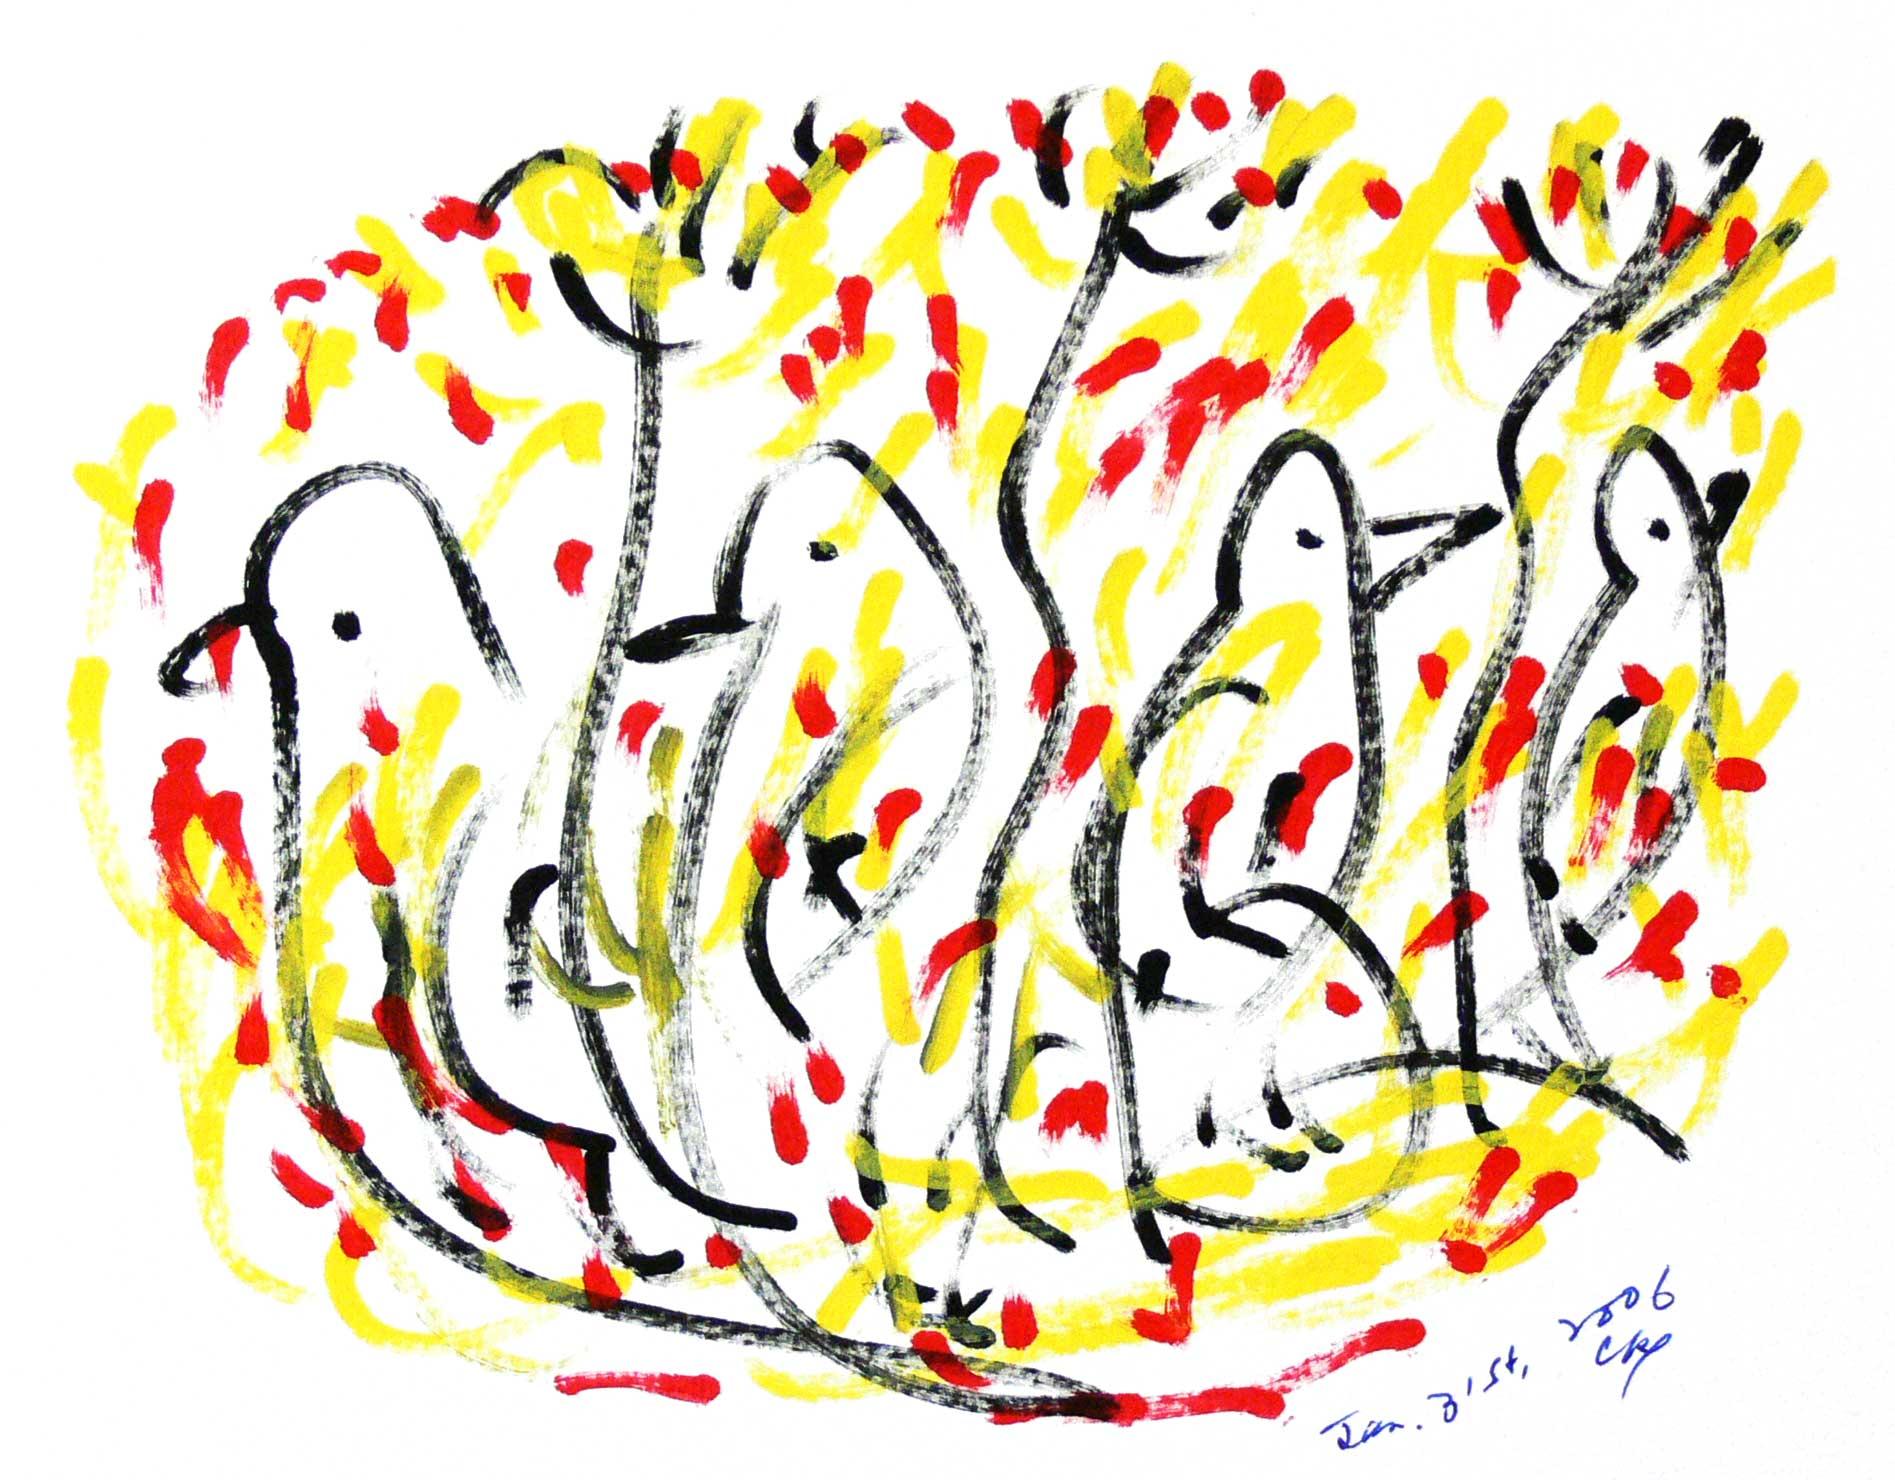 sri-chinmoy-31-1-2006-13